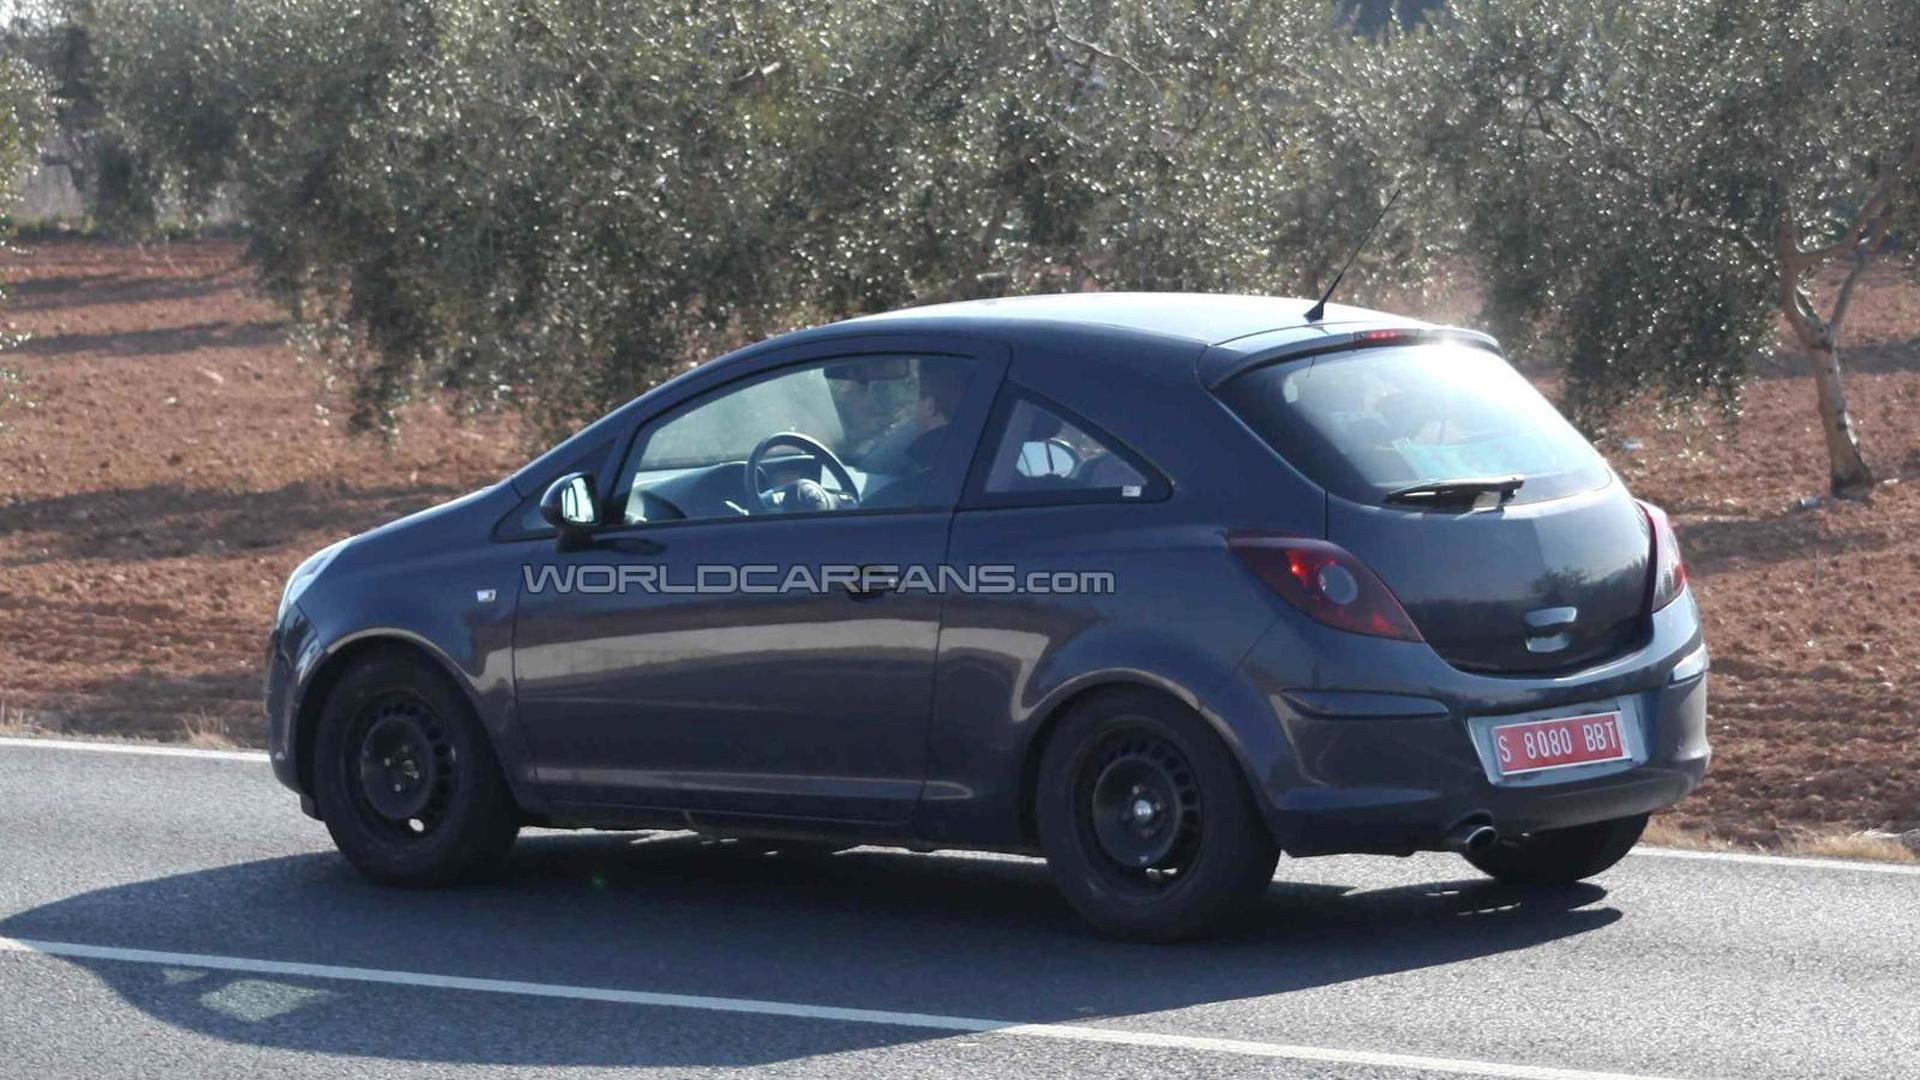 2013 Opel Allegra details emerge